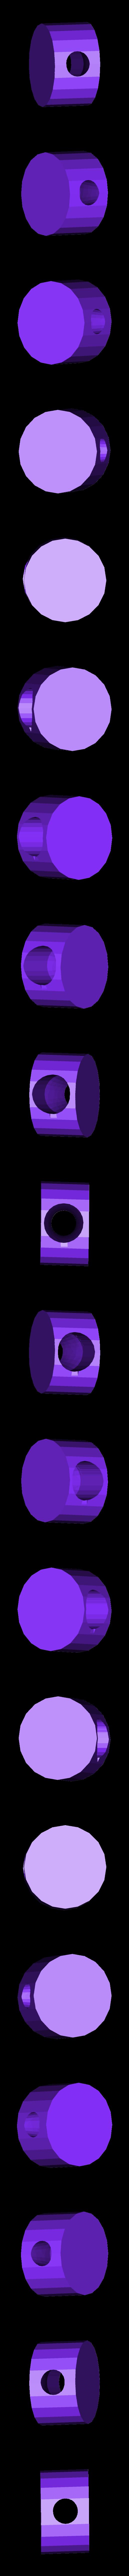 base nueva.stl Descargar archivo STL gratis Boquilla de cachimba, shisha, hookah Peakys Blinders • Objeto para impresión 3D, migue-bet